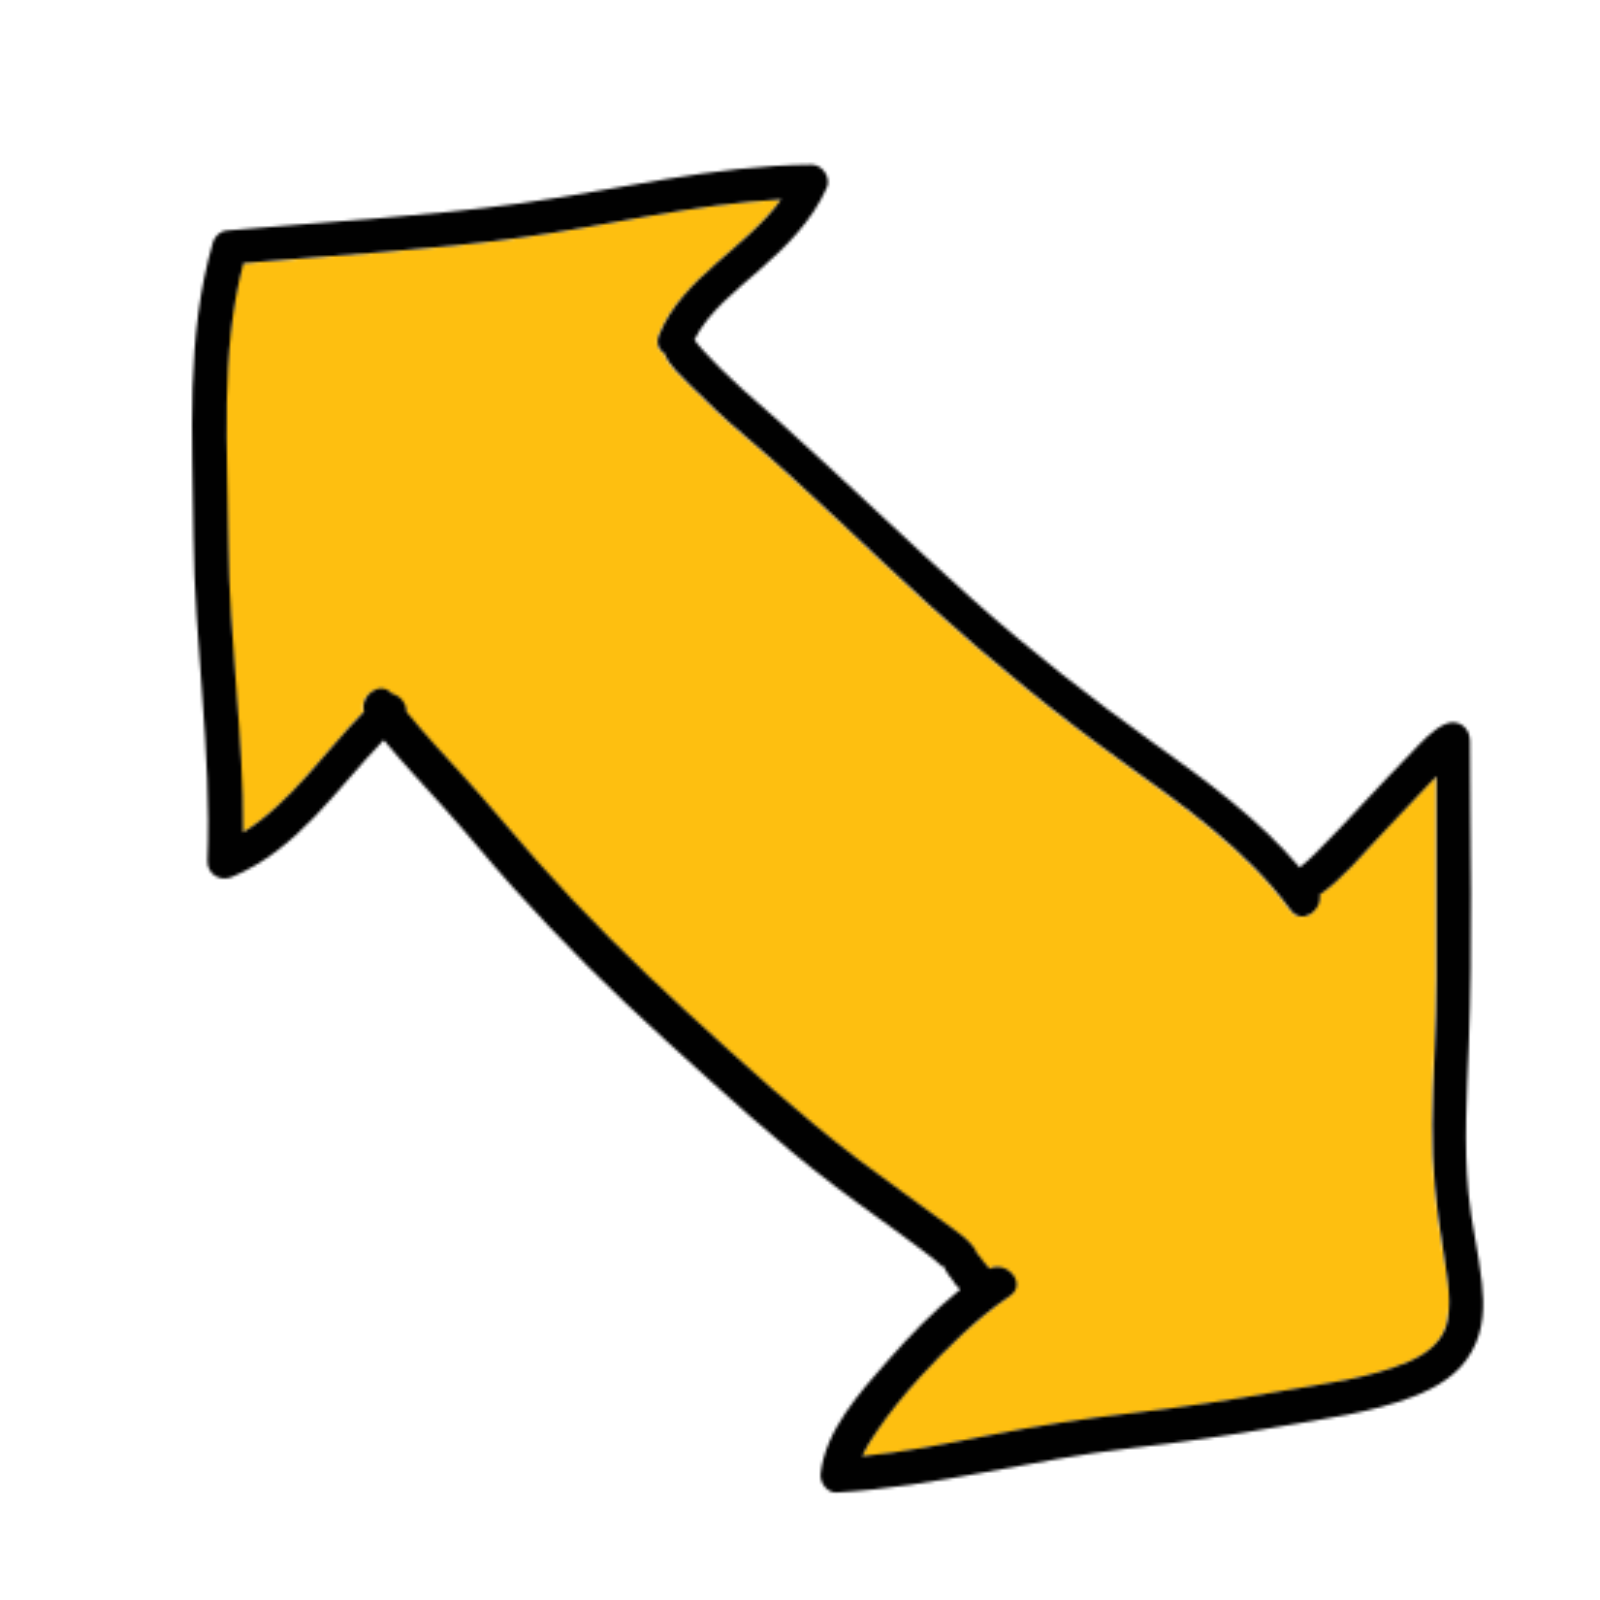 Circled Chevron Down icon